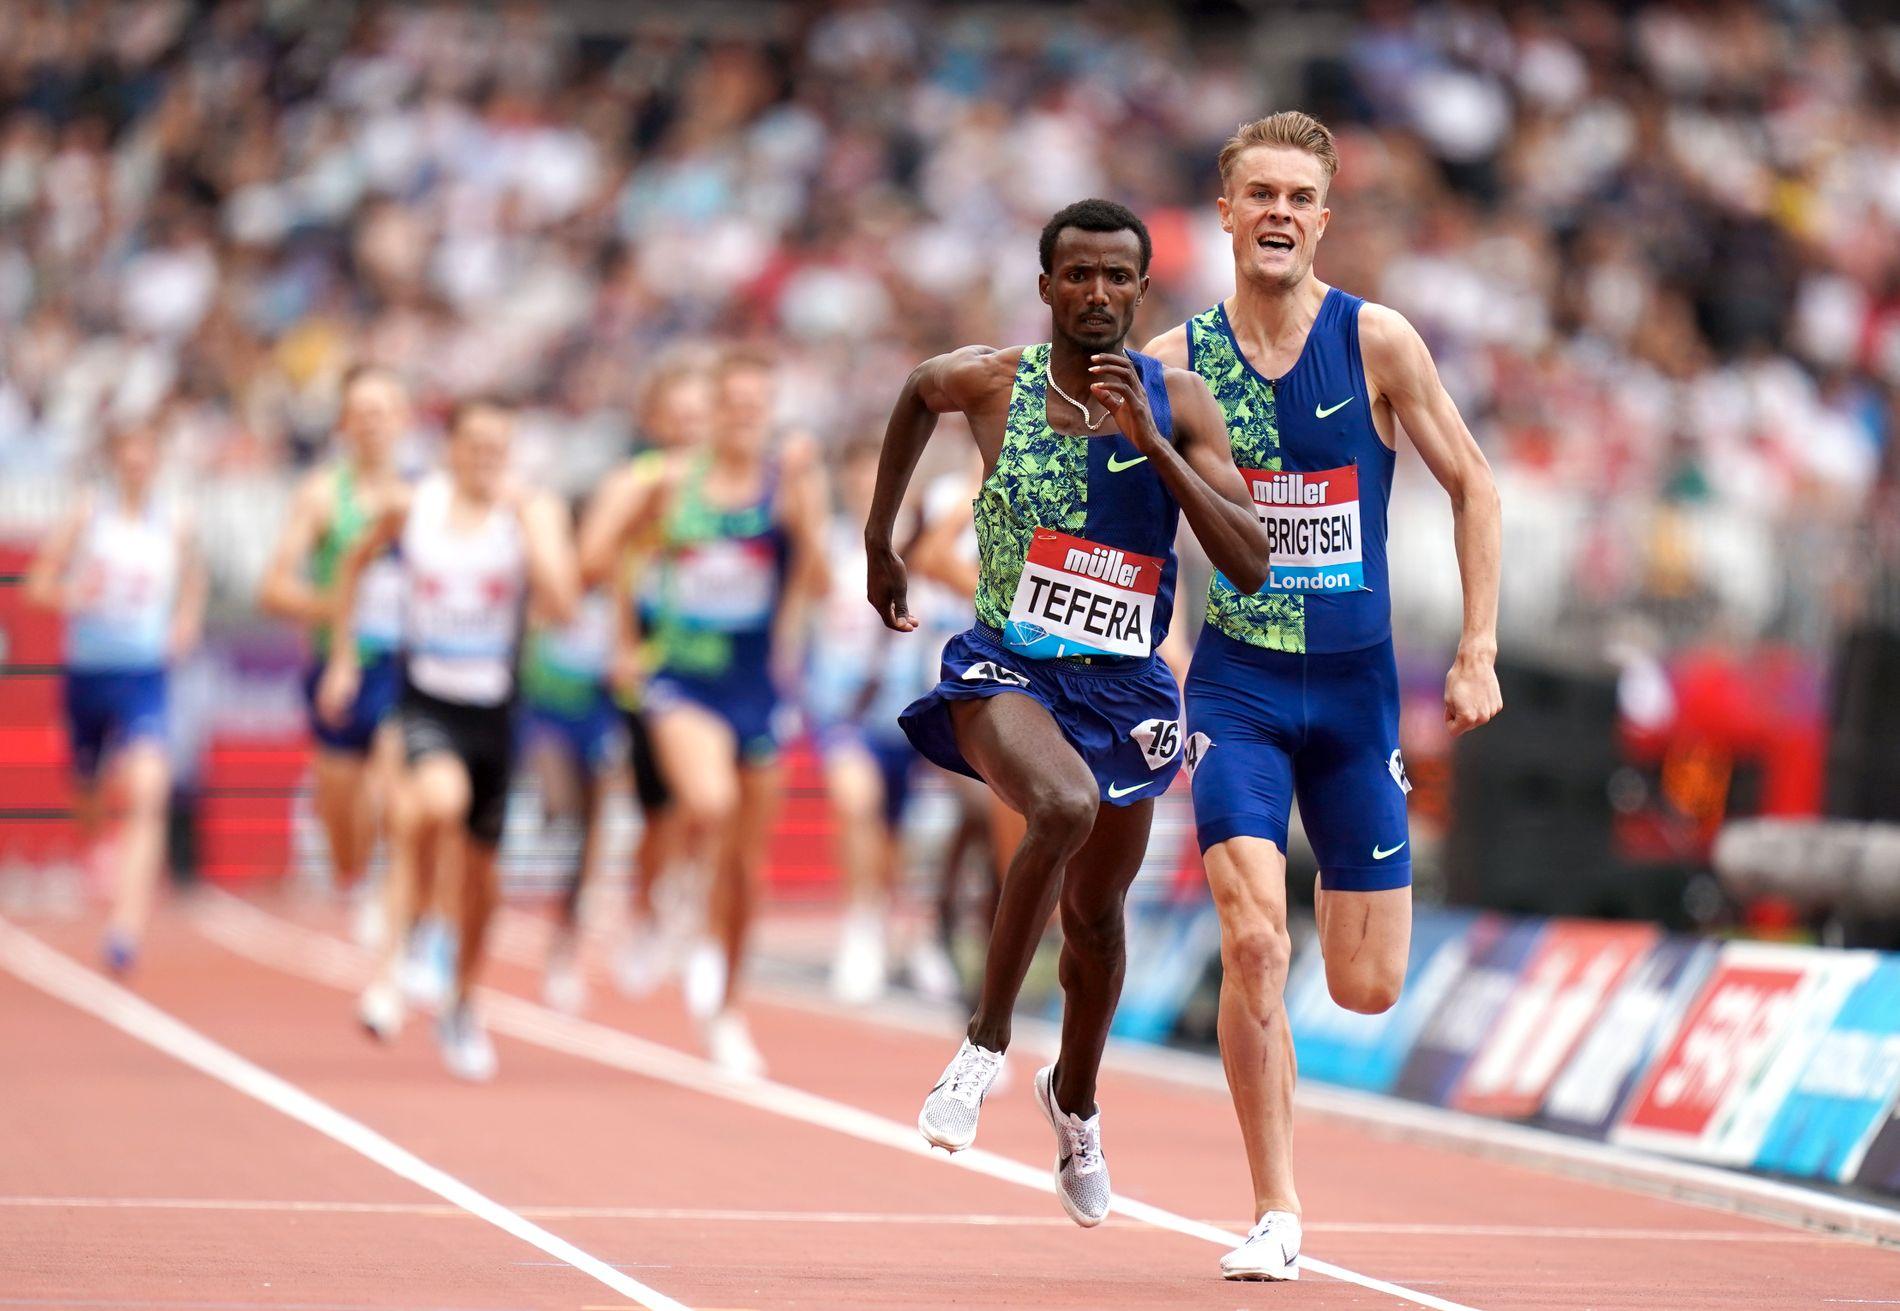 TETT DUELL: Filip Ingebrigtsen ble nummer to på mile-løpet i London bak Samuel Tefera.